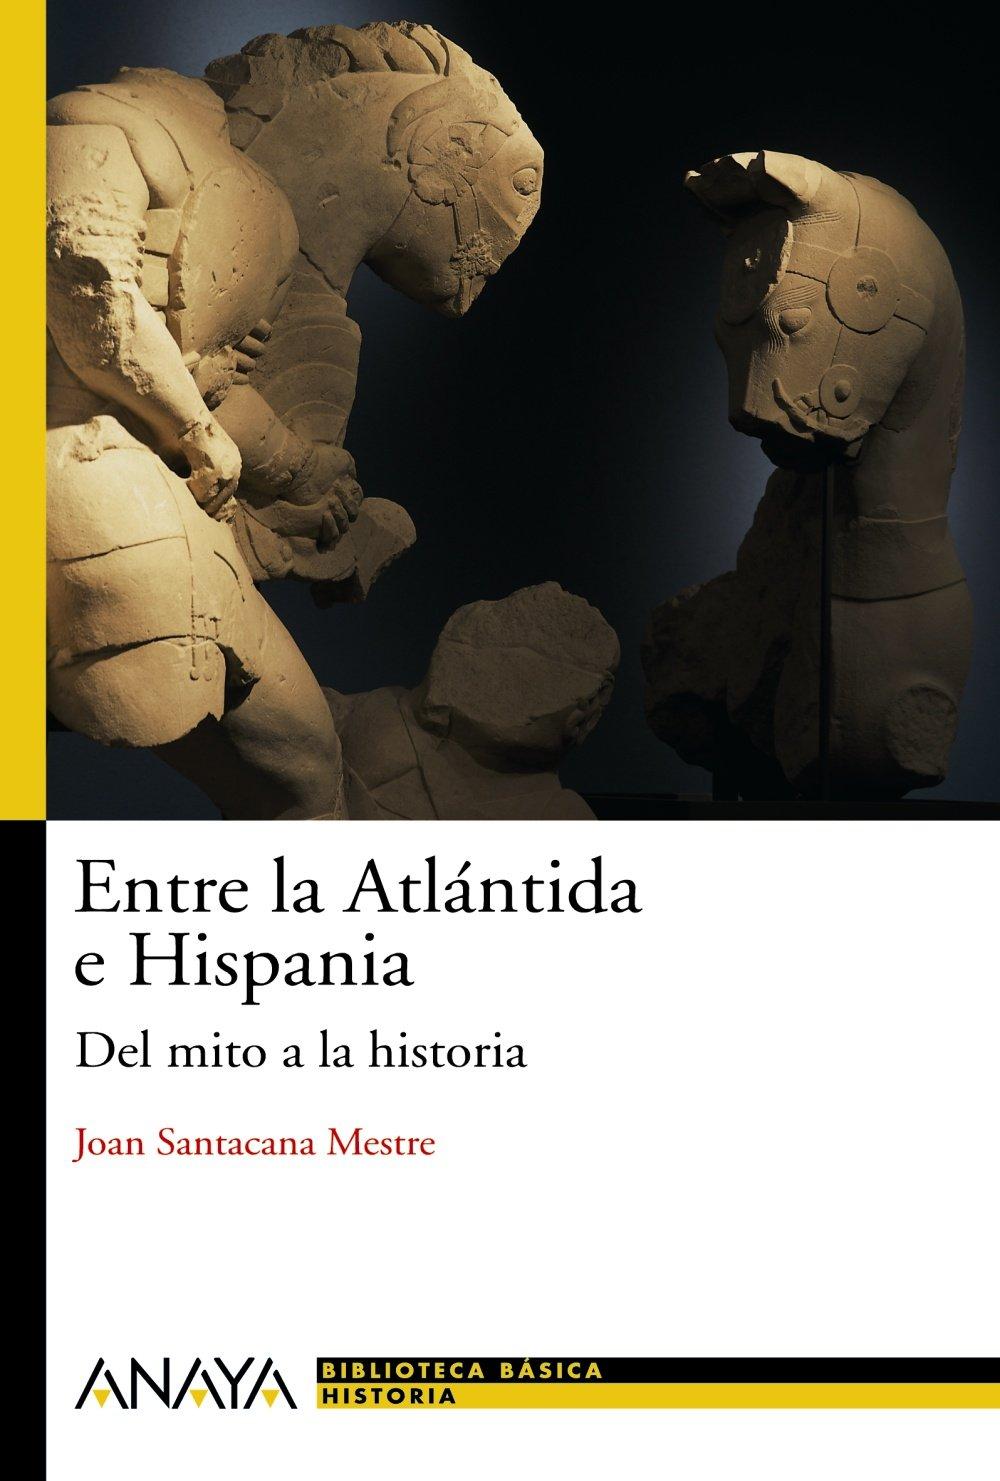 Entre la Atlántida e Hispania: Del mito a la historia (Historia Y Literatura - Nueva Biblioteca Básica De Historia)